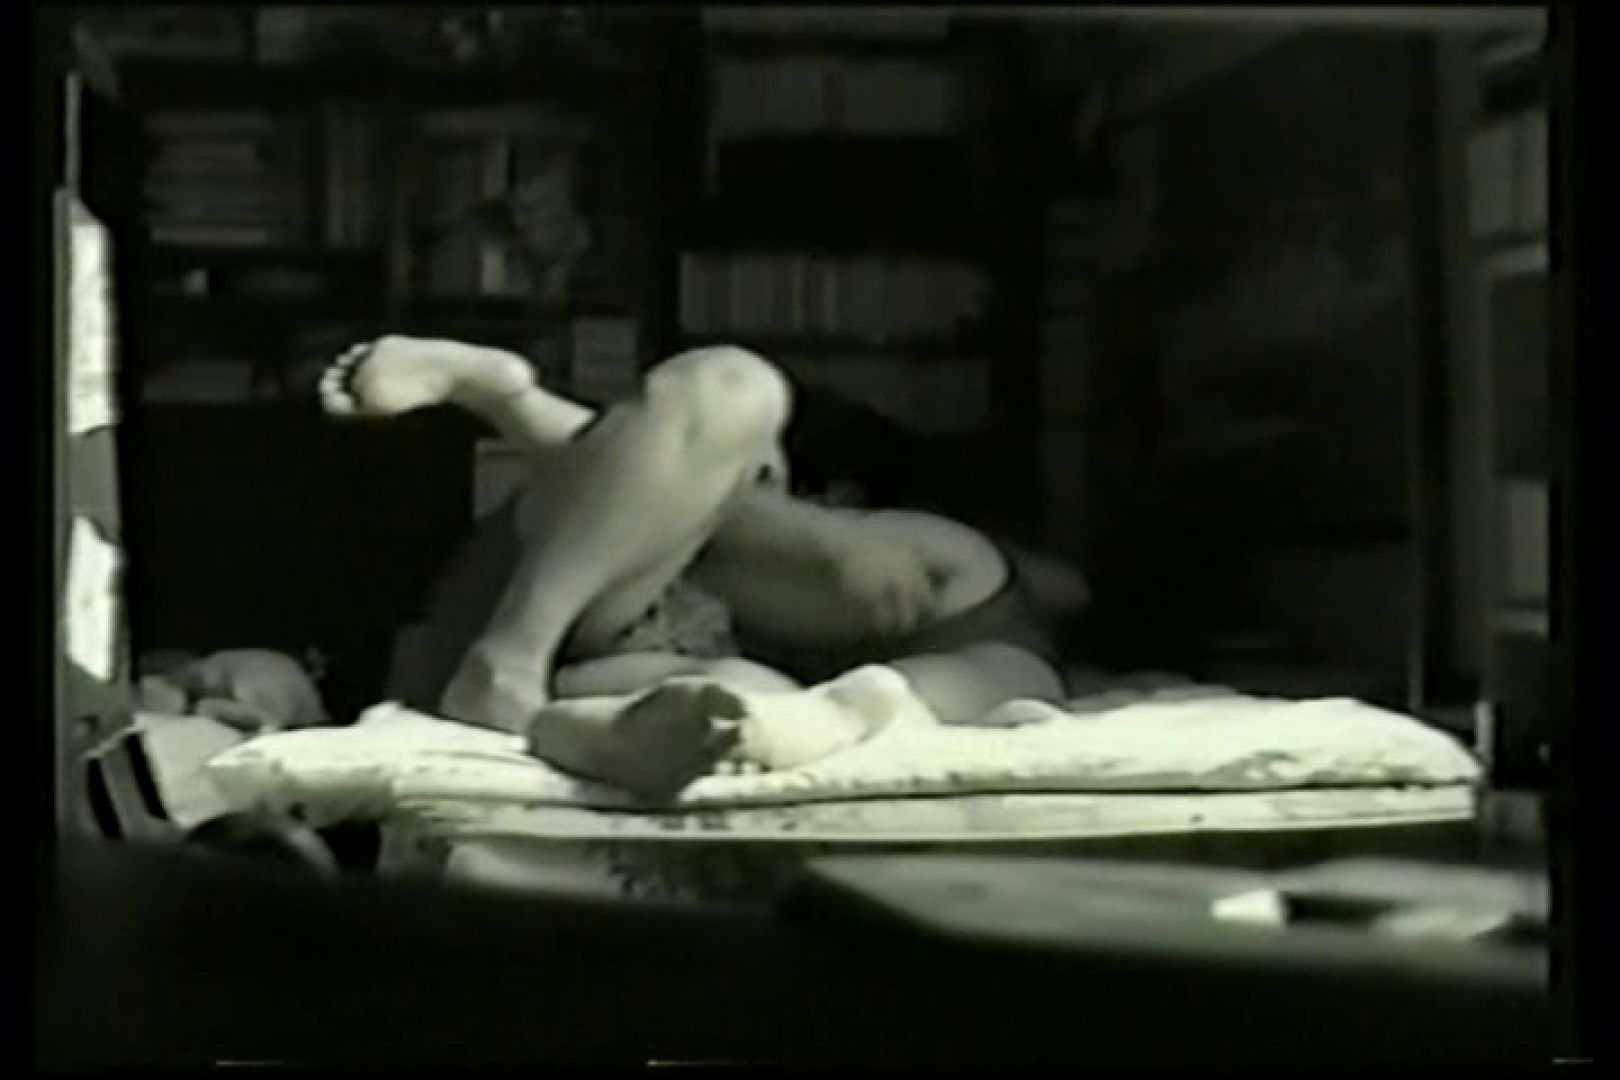 素人嬢をホテルに連れ込みアンナ事・コンナ事!?Vol.5 卑猥 すけべAV動画紹介 99画像 4